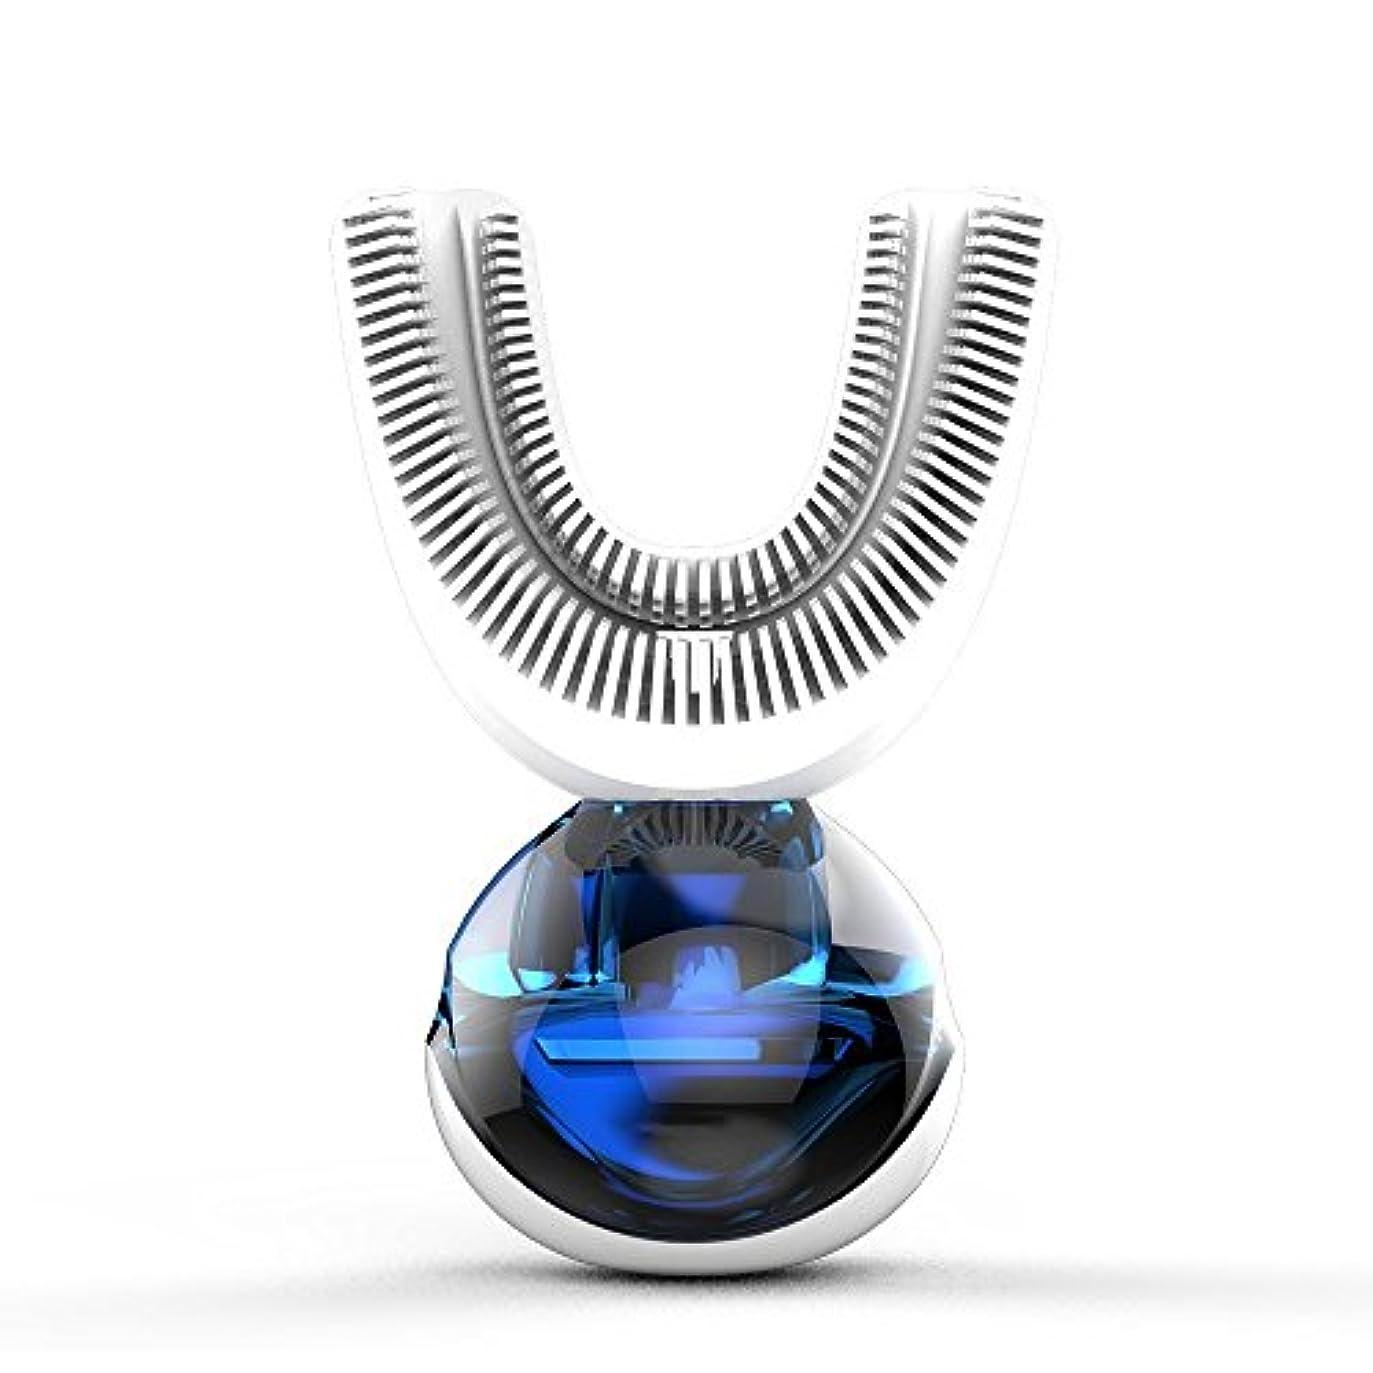 除去巻き戻す面フルオートマチック可変周波数電動歯ブラシ、自動360度U字型電動歯ブラシ、ワイヤレス充電IPX7防水自動歯ブラシ(大人用)